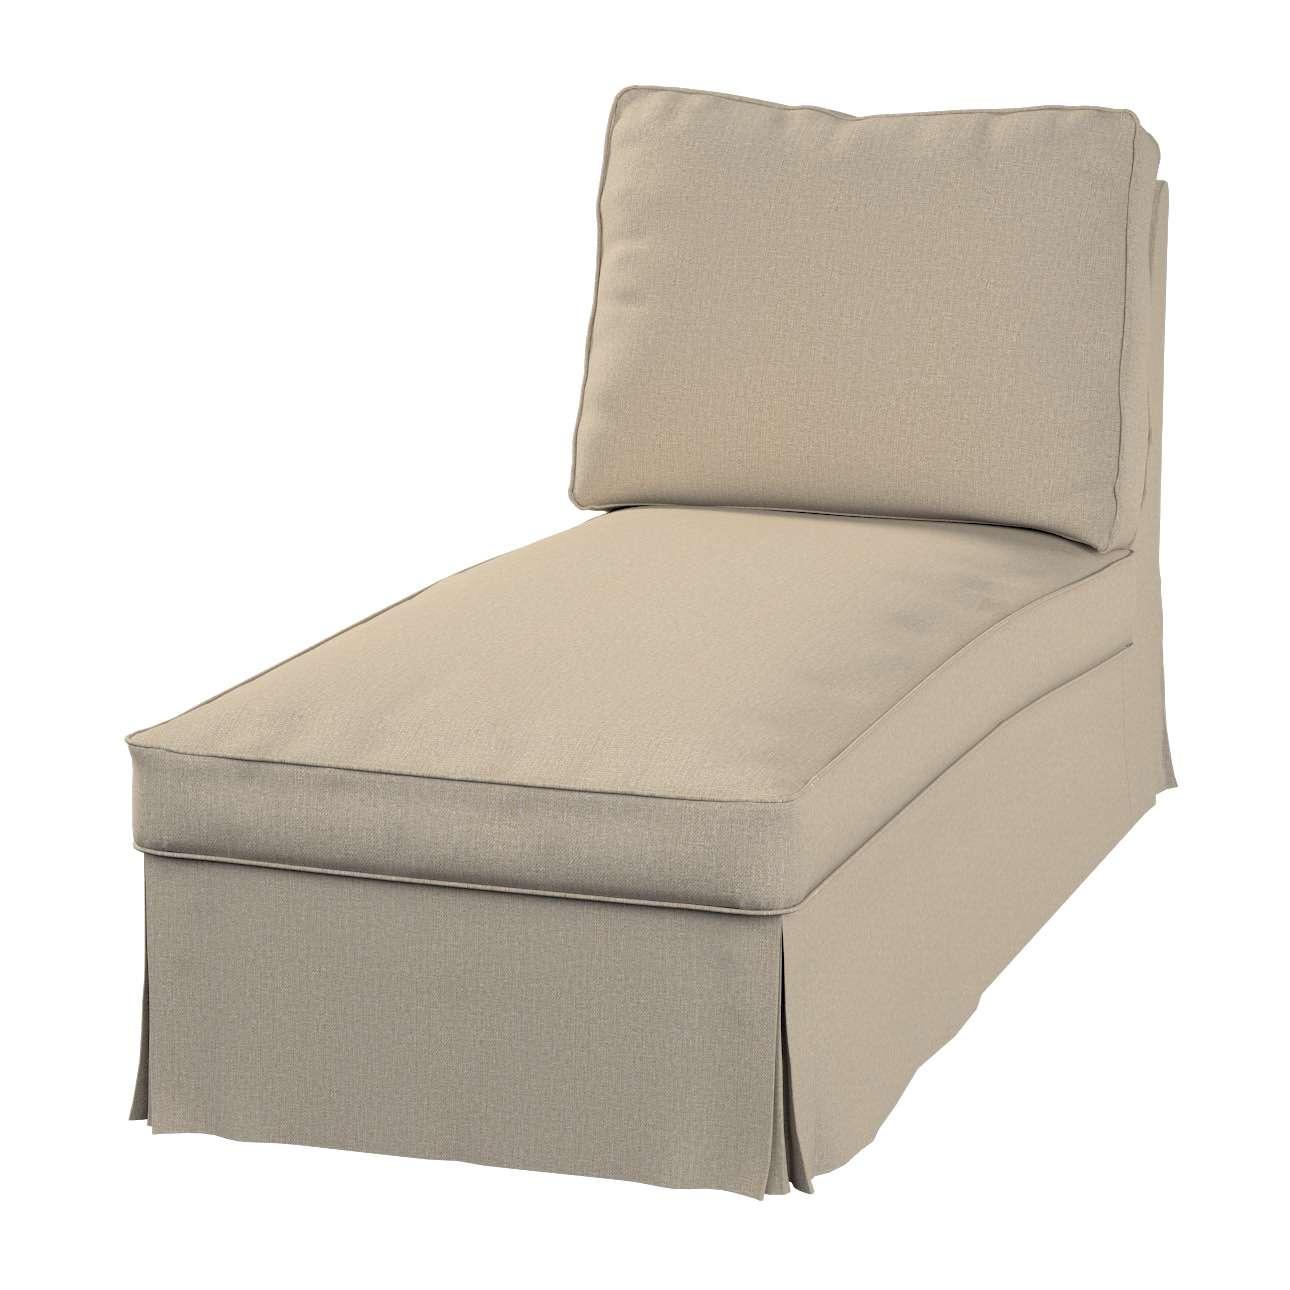 Ektorp gulimojo krėslo užvalkalas (be porankių, tiesus atlošas) Ektorp gulimasis krėslas be porankių, tiesiu atlošu, be suapavalinimų kolekcijoje Edinburgh , audinys: 115-78